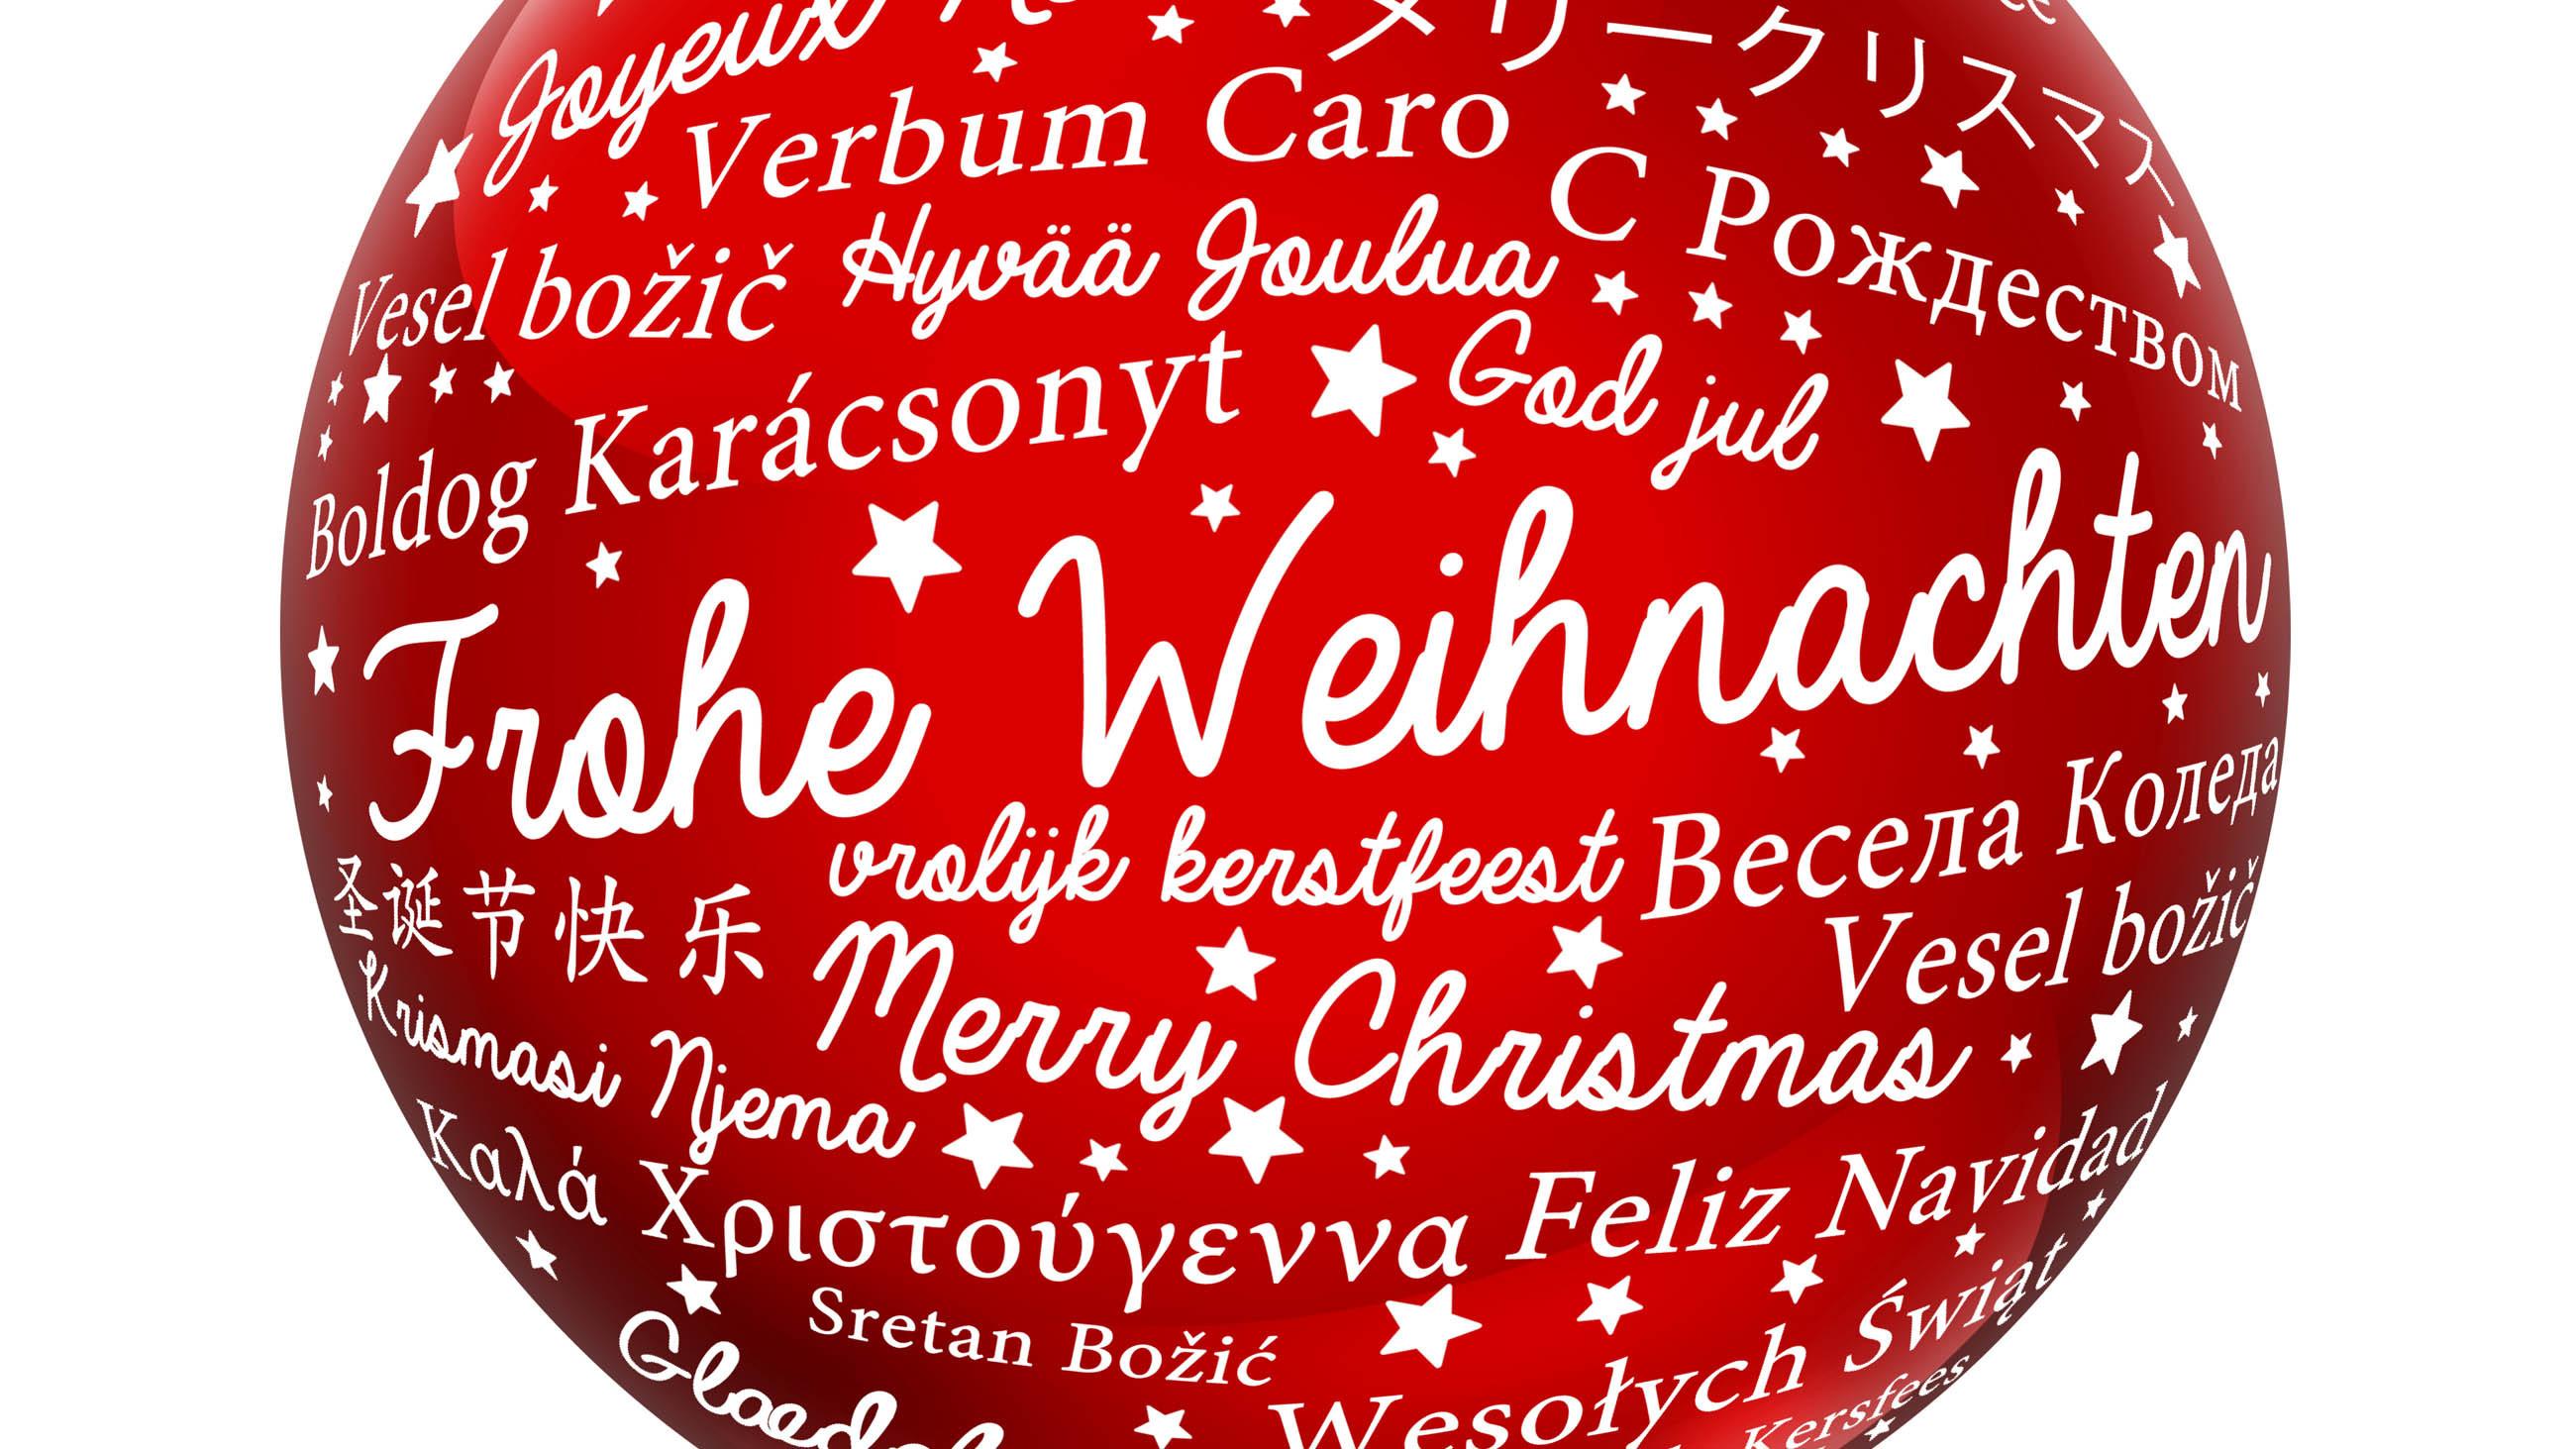 Frohe Weihnachten Liebe.Frohe Weihnachten Liebe Welt Wer Weiss Was De